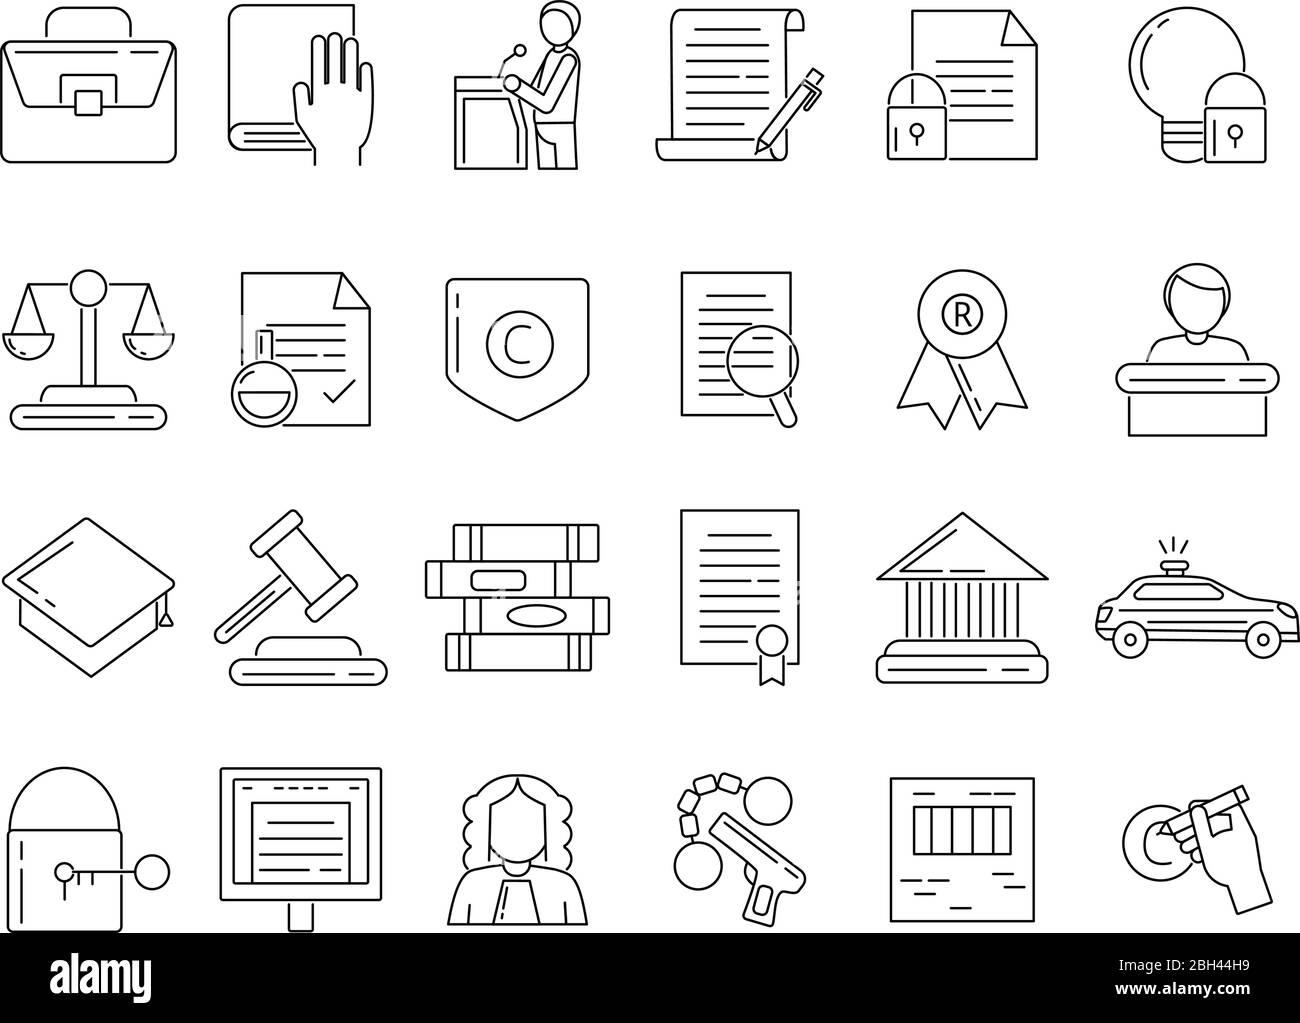 Lineare Symbole für Anwalt, Kriminelle und Urheberrechtsschutz. Rechtswissenschaft, Gericht und Urteil Linienstil. Vektorgrafik Stock Vektor